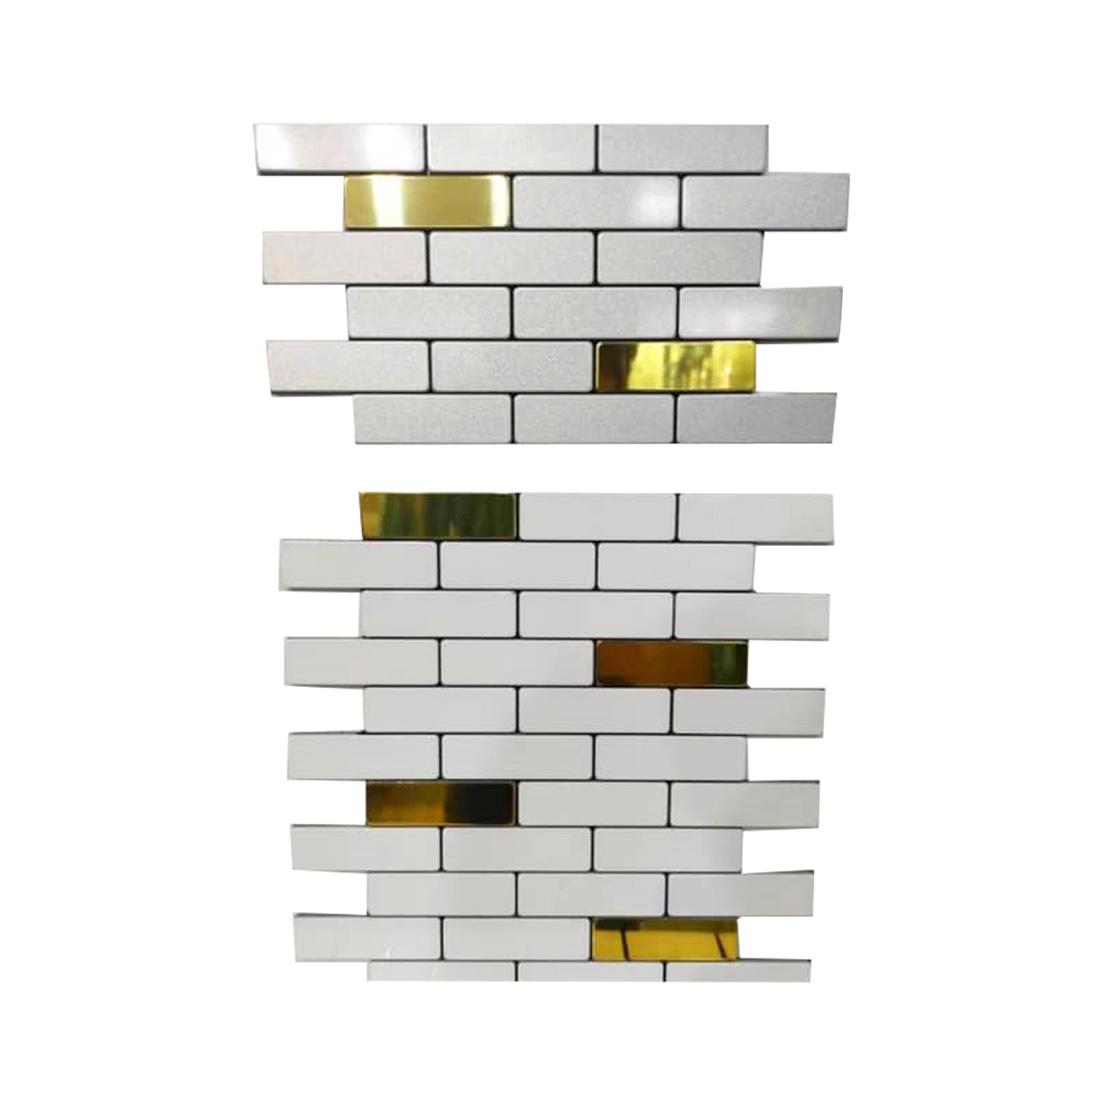 کاشی چسپی R1 Adhesive tile دیوارپوش